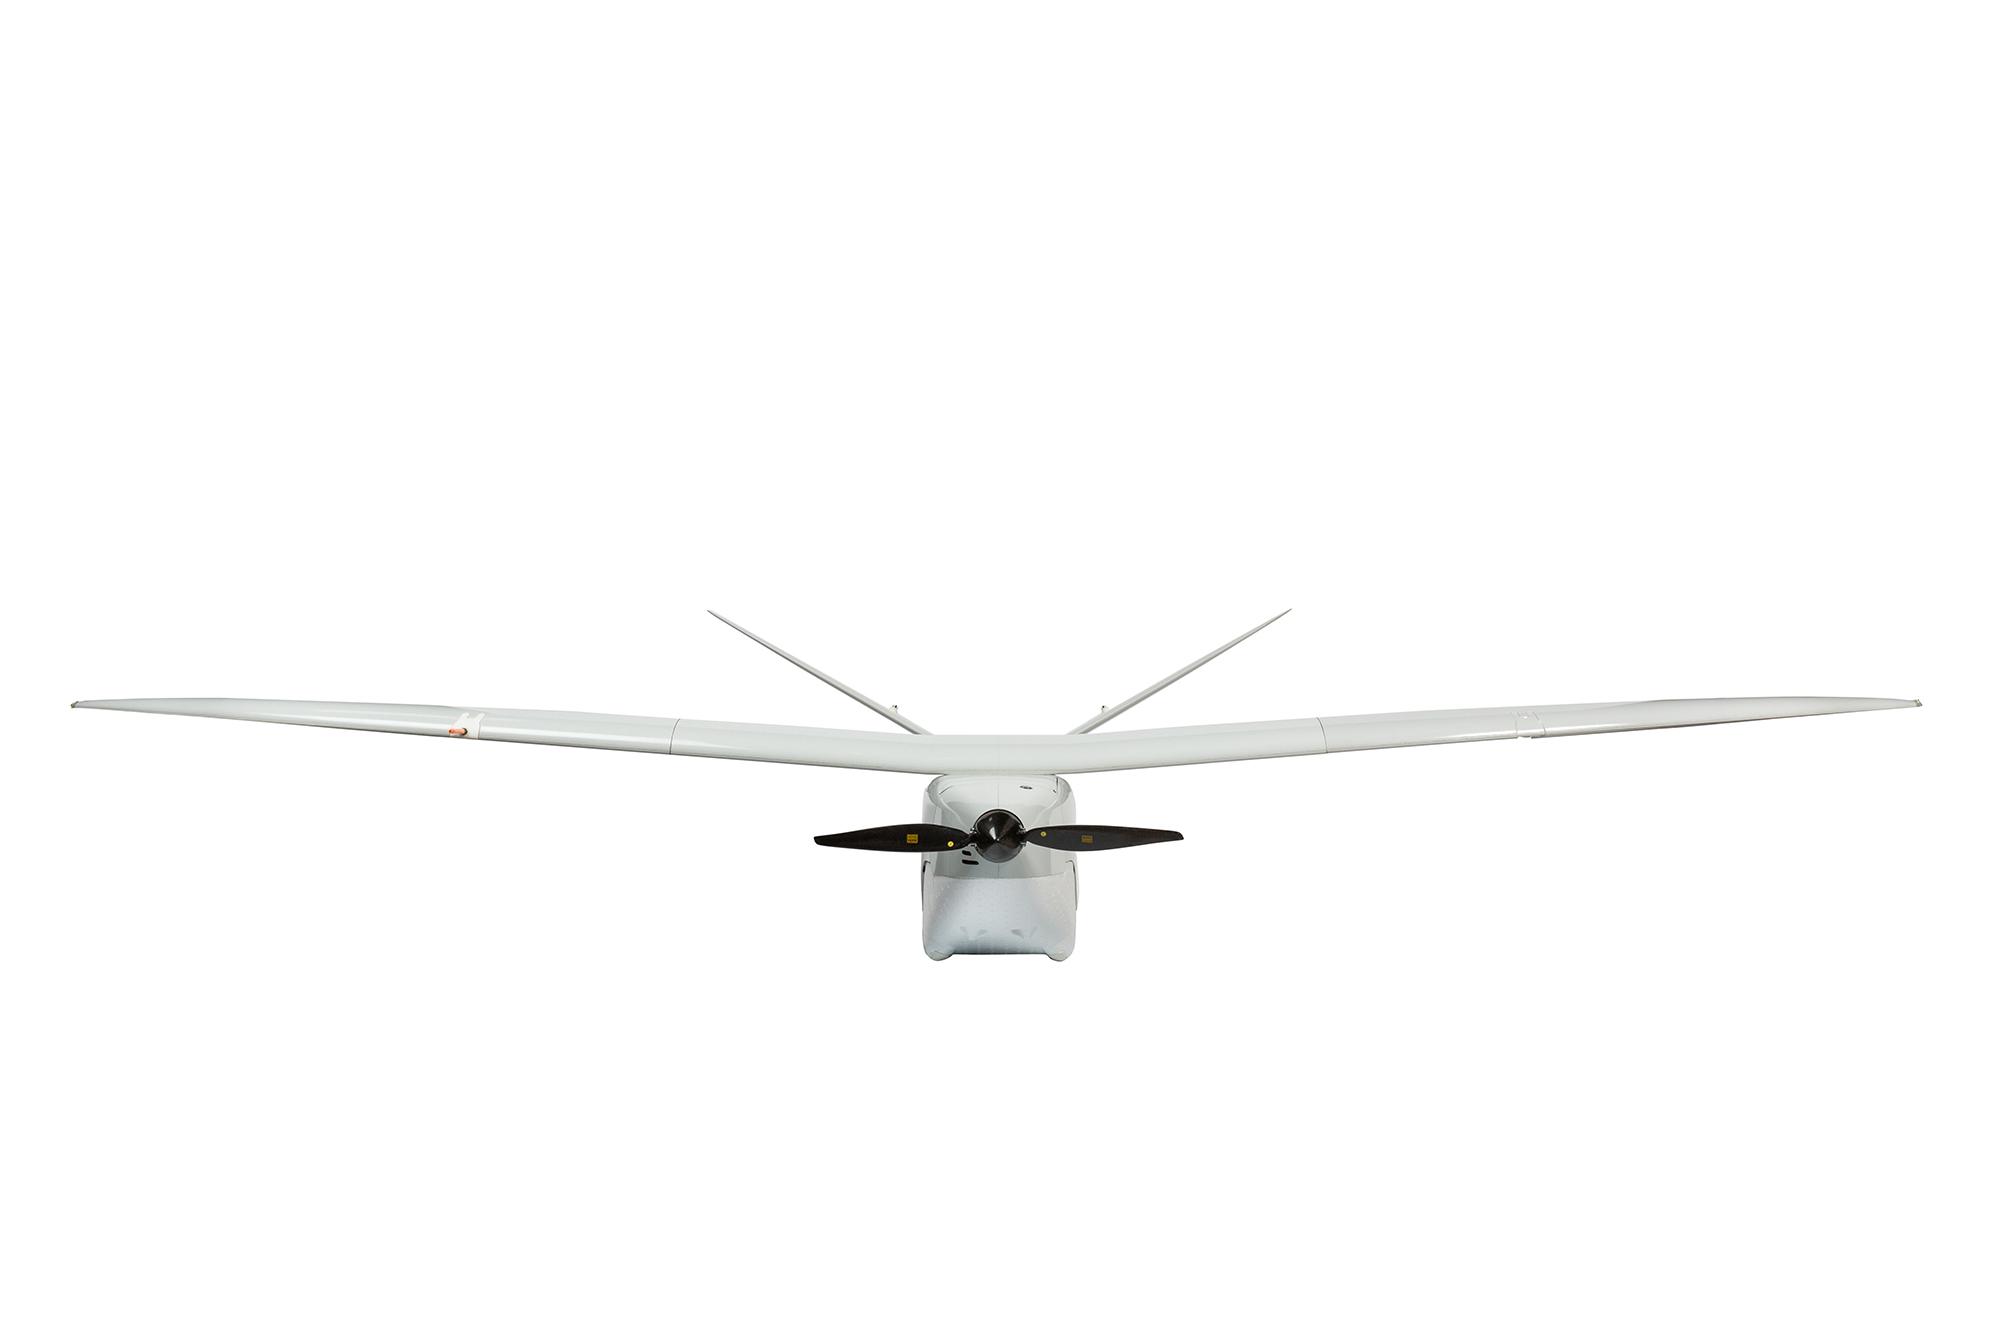 Photographie sur fond blanc du drone Delair vue de face